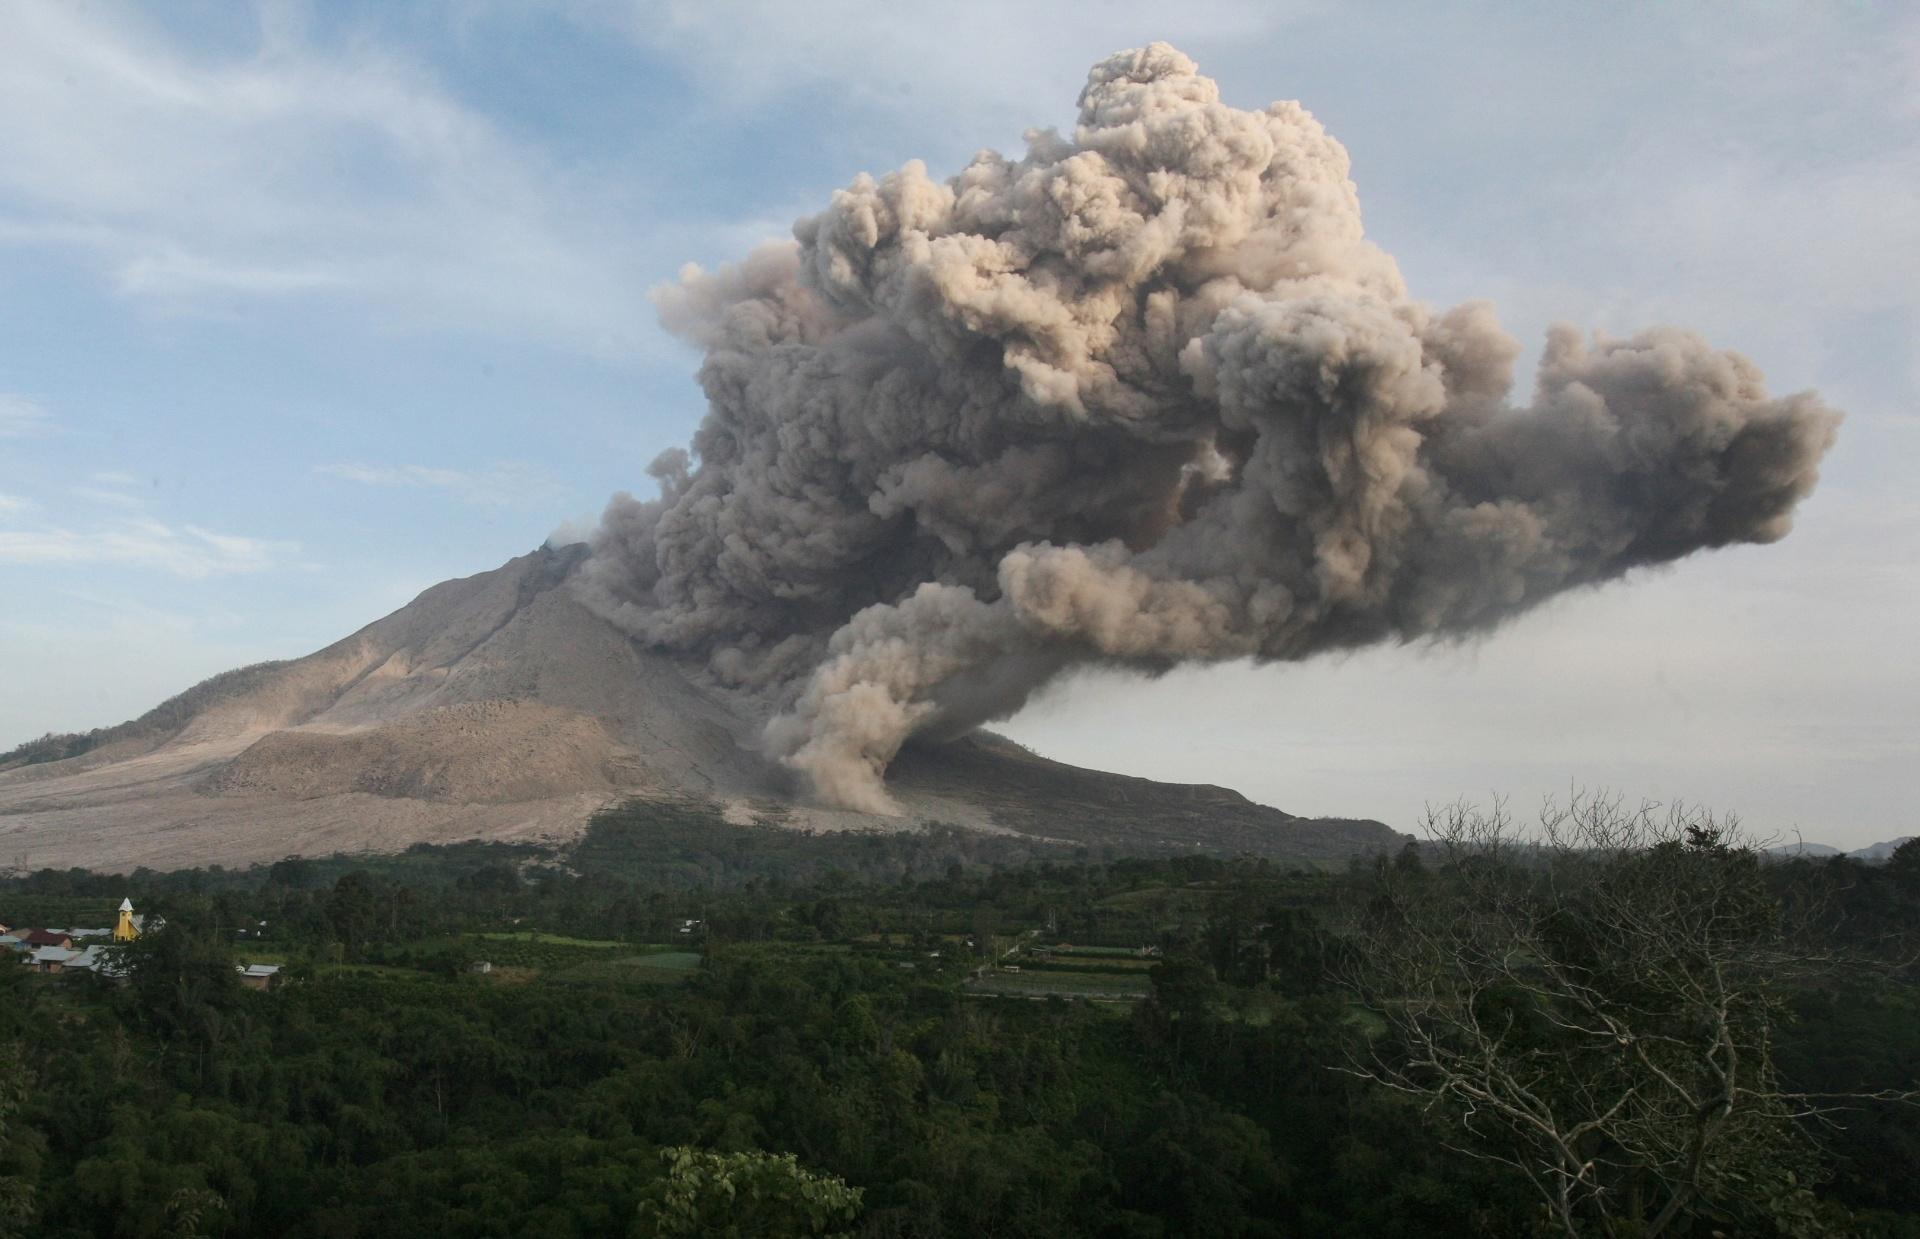 29.jun.2015 - Vulcão Sinabung expele cinzas durante erupção, vista do vilarejo de Beras Tepu, no norte de Sumatra, na Indonésia, nesta segunda-feira (29). Mais de 10 mil pessoas de 12 vilarejos deixaram suas casas e foram removidas para campos de refugiados, devido a erupção do vulcão